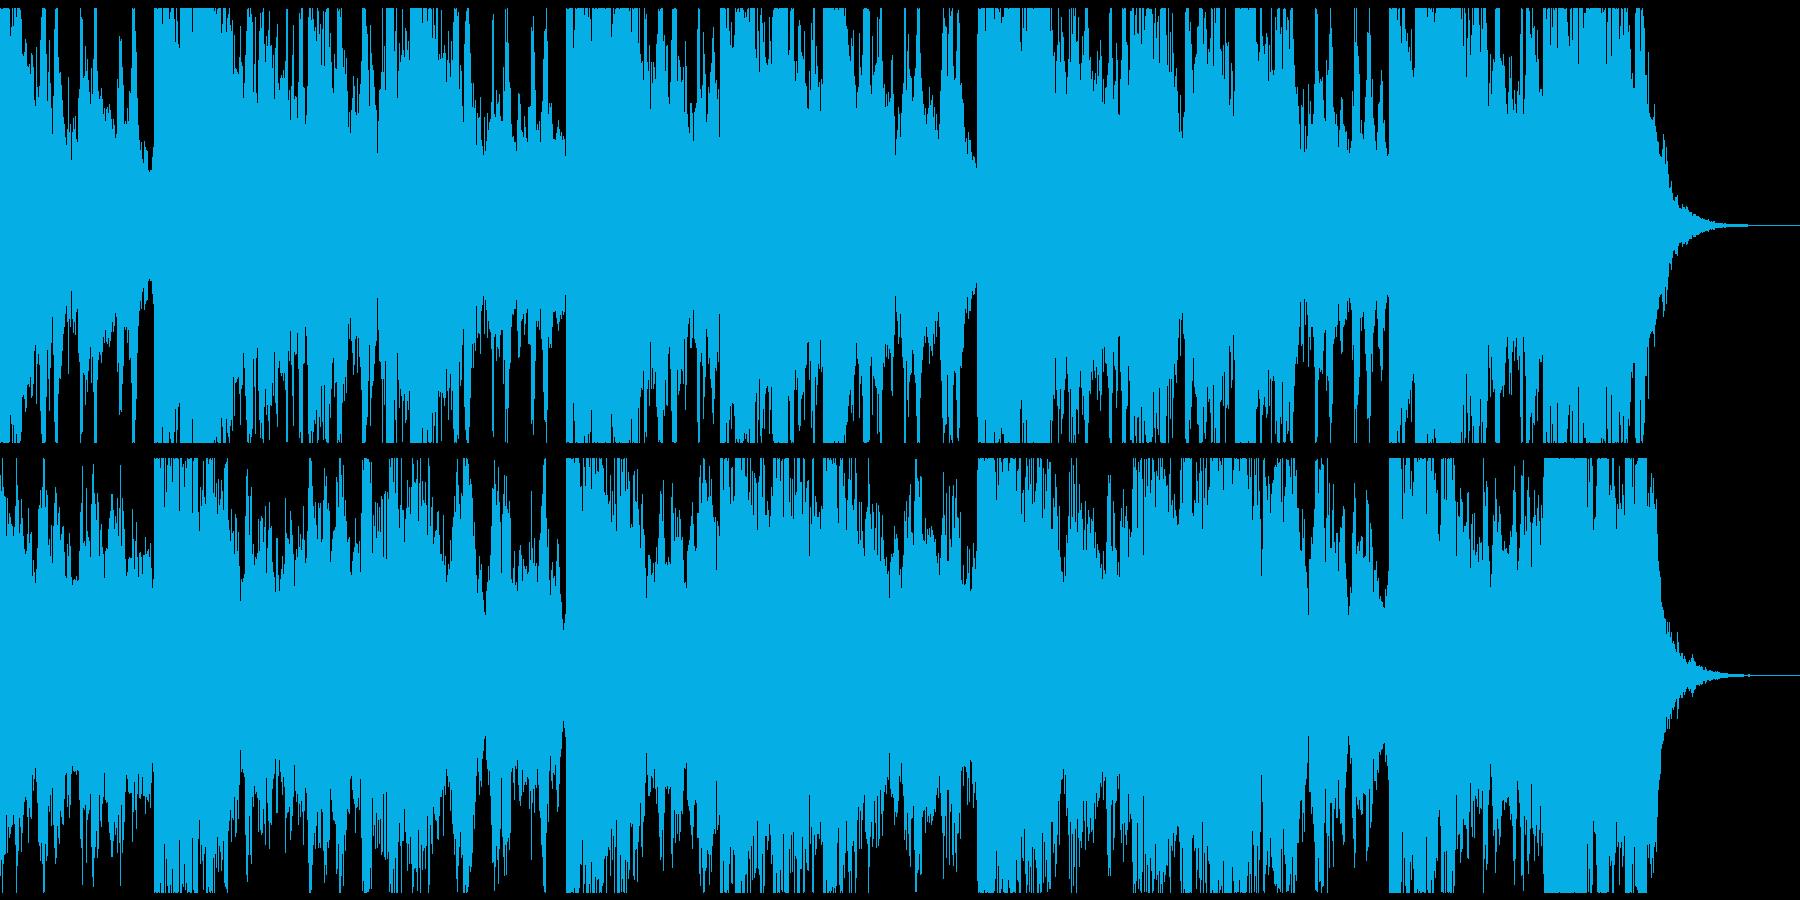 ストリングス、ピアノ、ボイスからなる曲の再生済みの波形